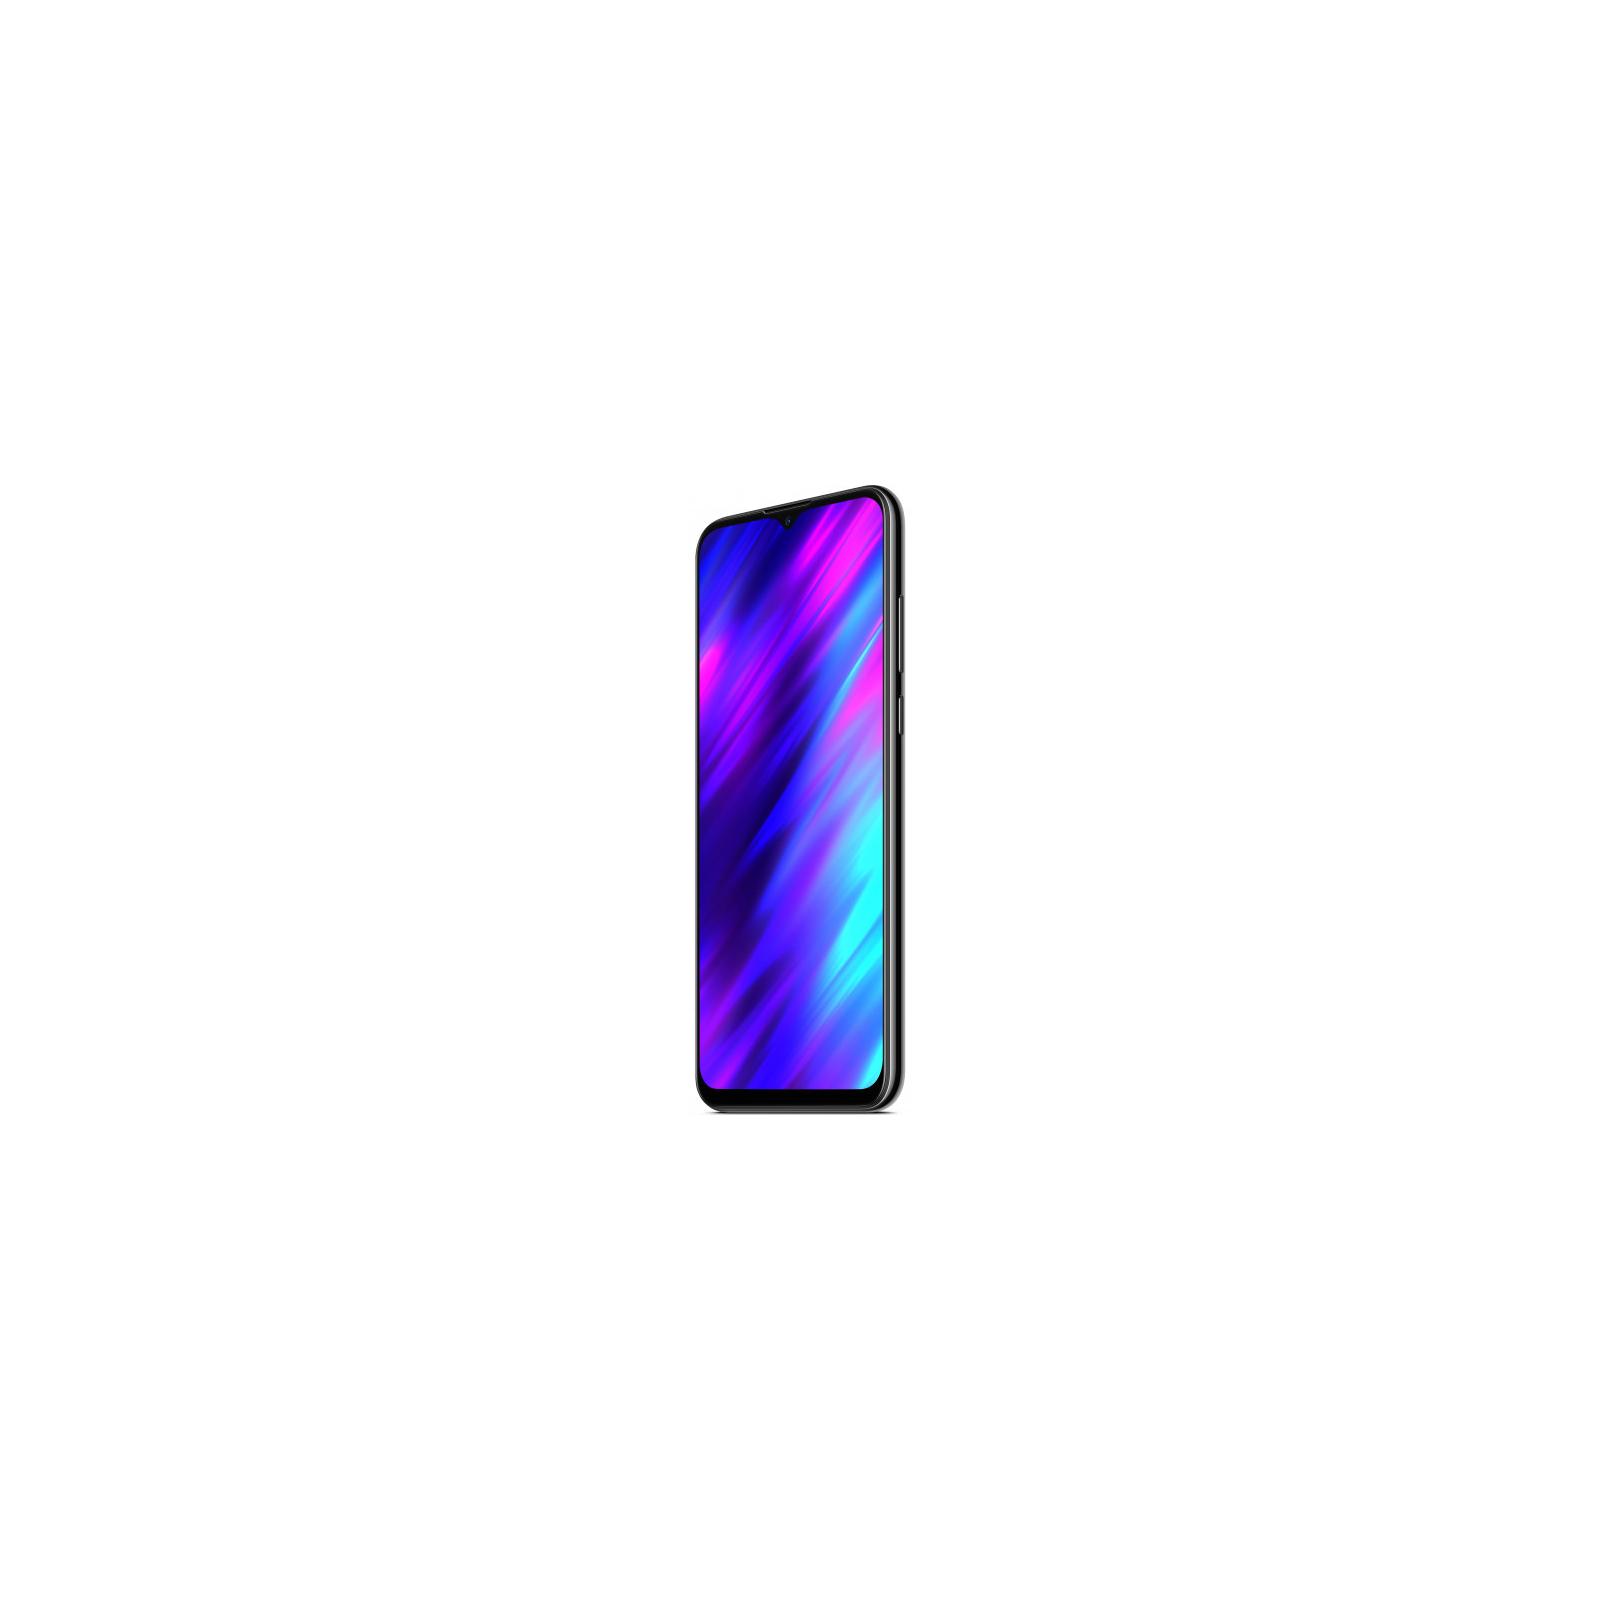 Мобильный телефон Meizu M10 3/32GB Blue изображение 3